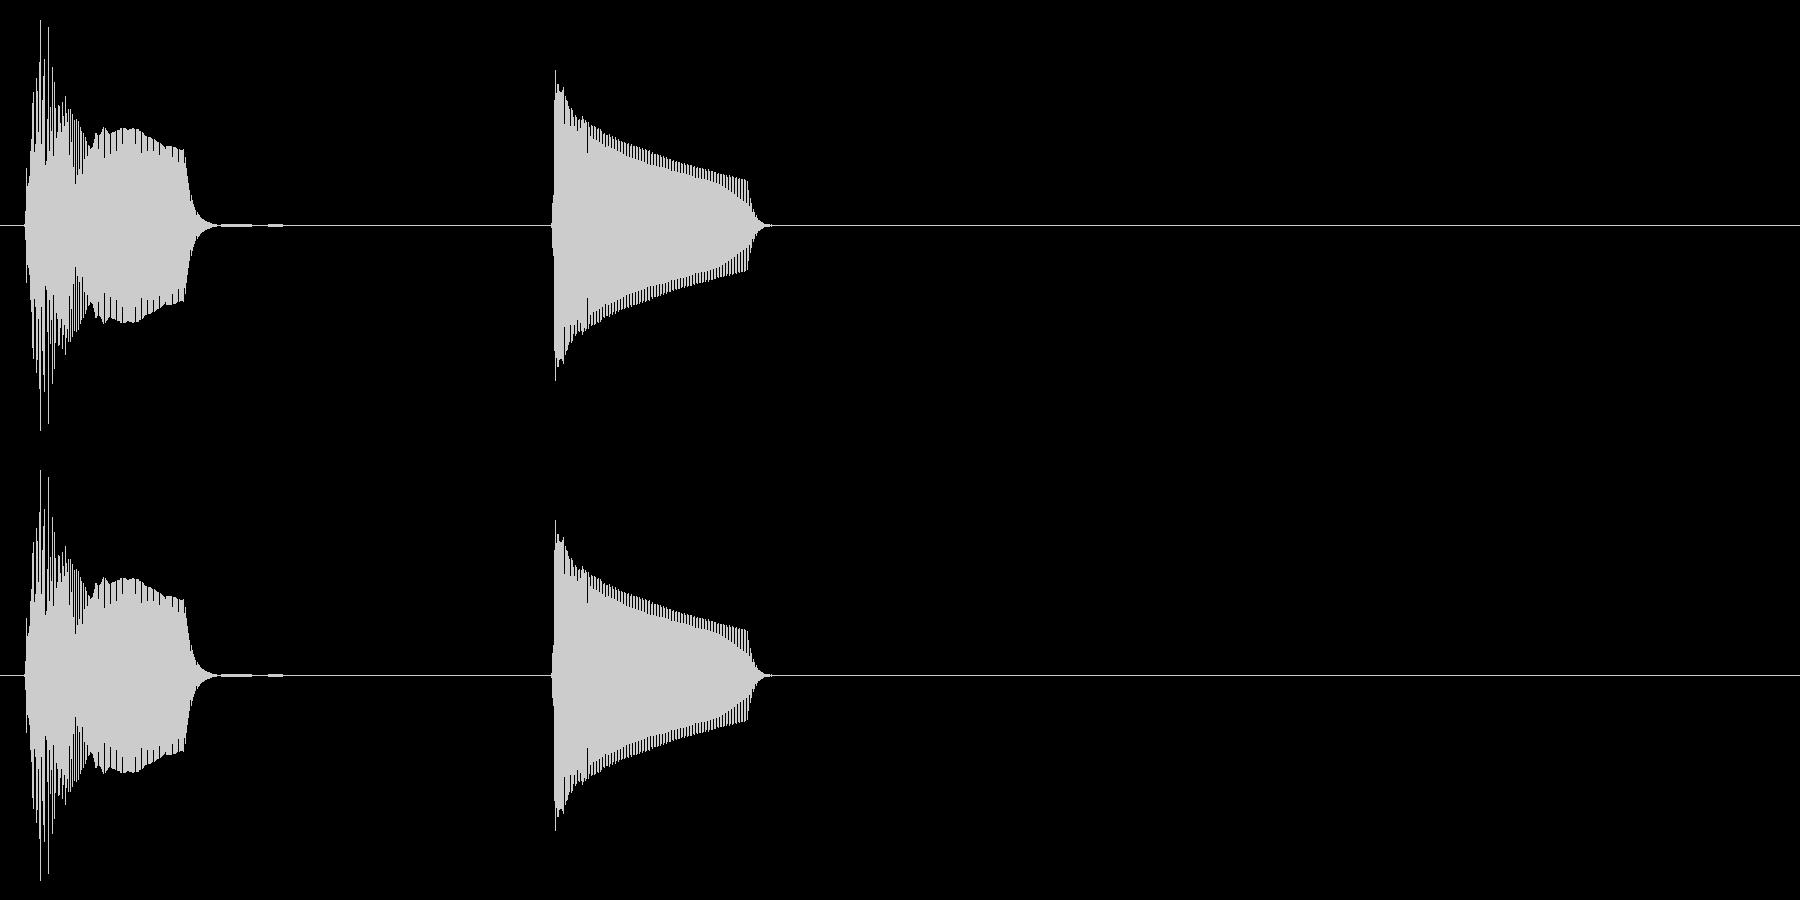 KANT アプリサウンド210148の未再生の波形